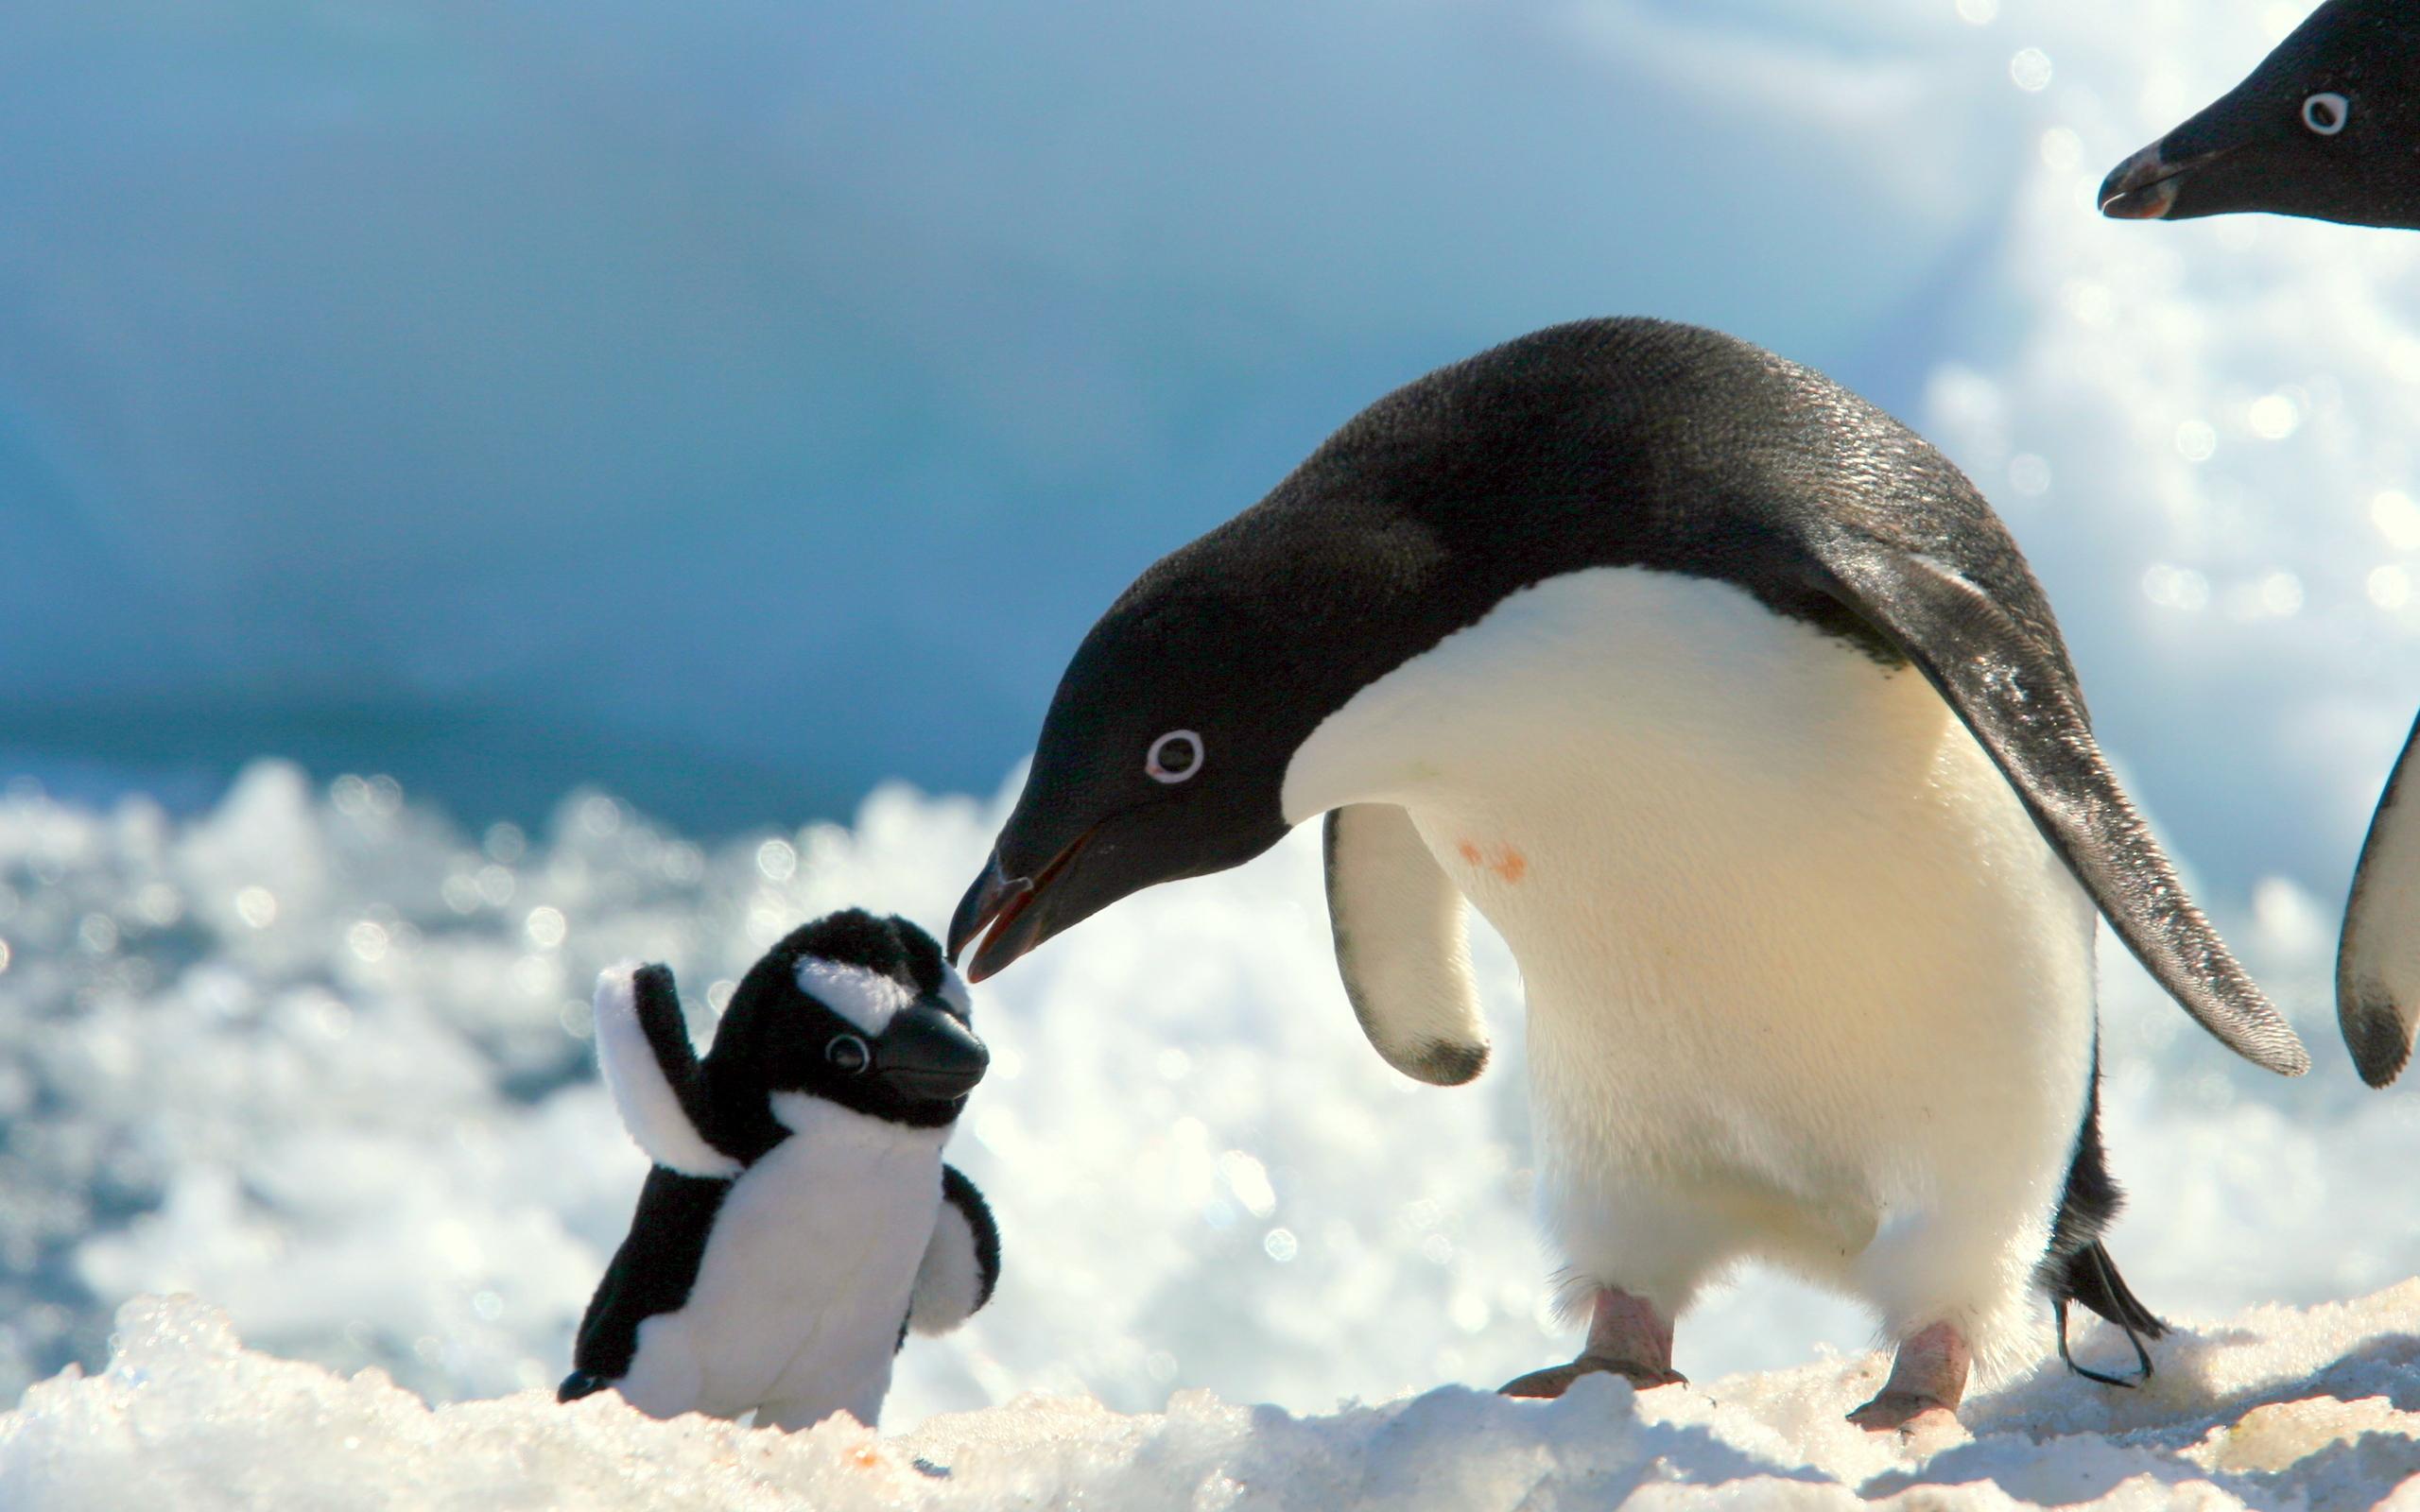 Chú chim cánh cụt rất dễ thương khi nhìn thấy hình cánh cụt bông